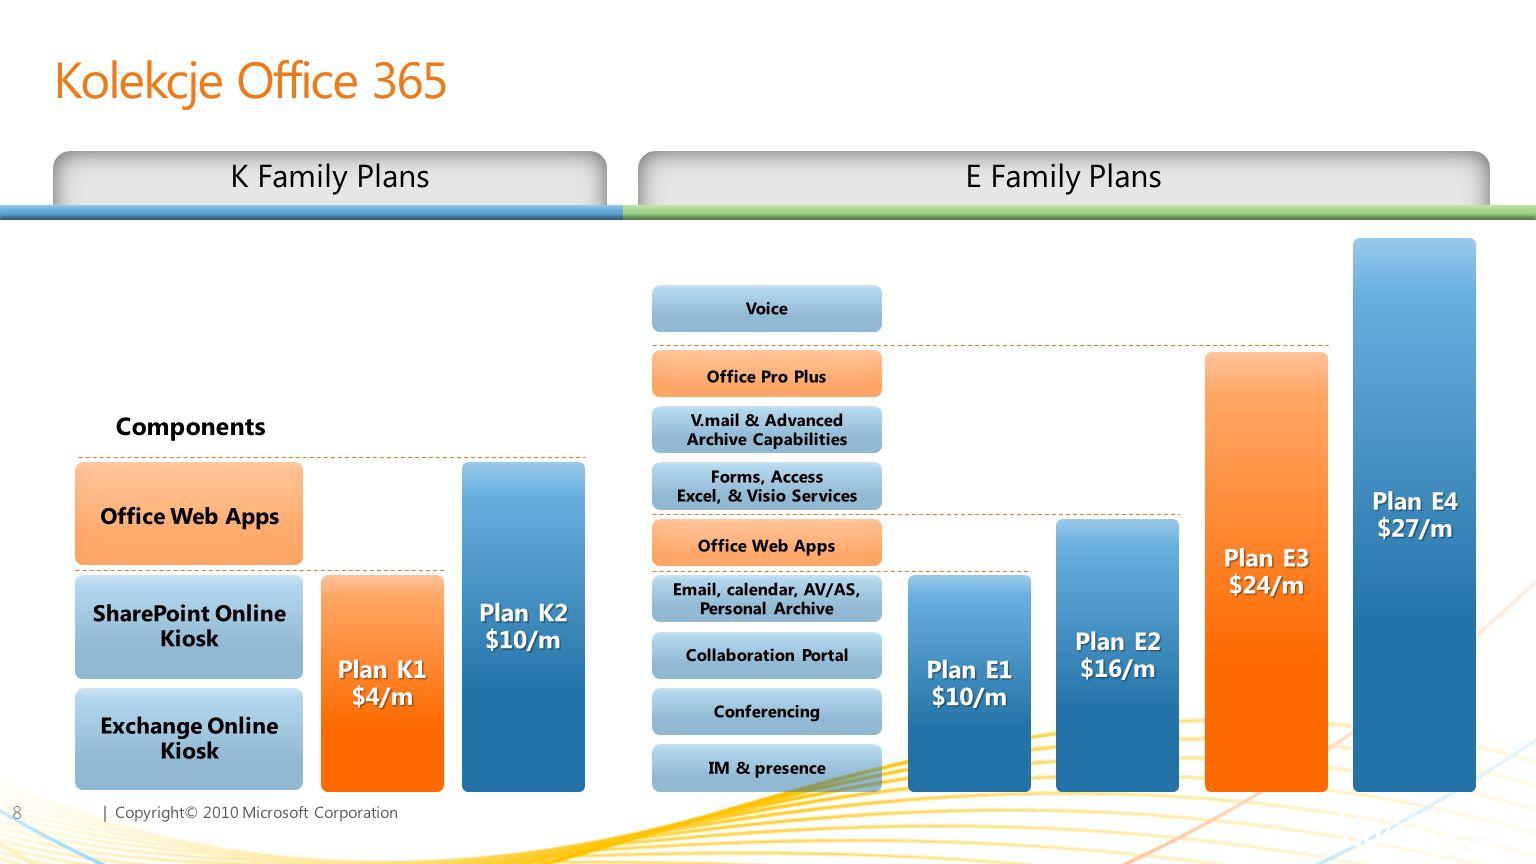 | Copyright© 2010 Microsoft Corporation Kolekcje Office 365 8 Plan K1 $4/m Plan K2 $10/m Plan E1 $10/m Plan E2 $16/m Plan E3 $24/m Plan E4 $27/m